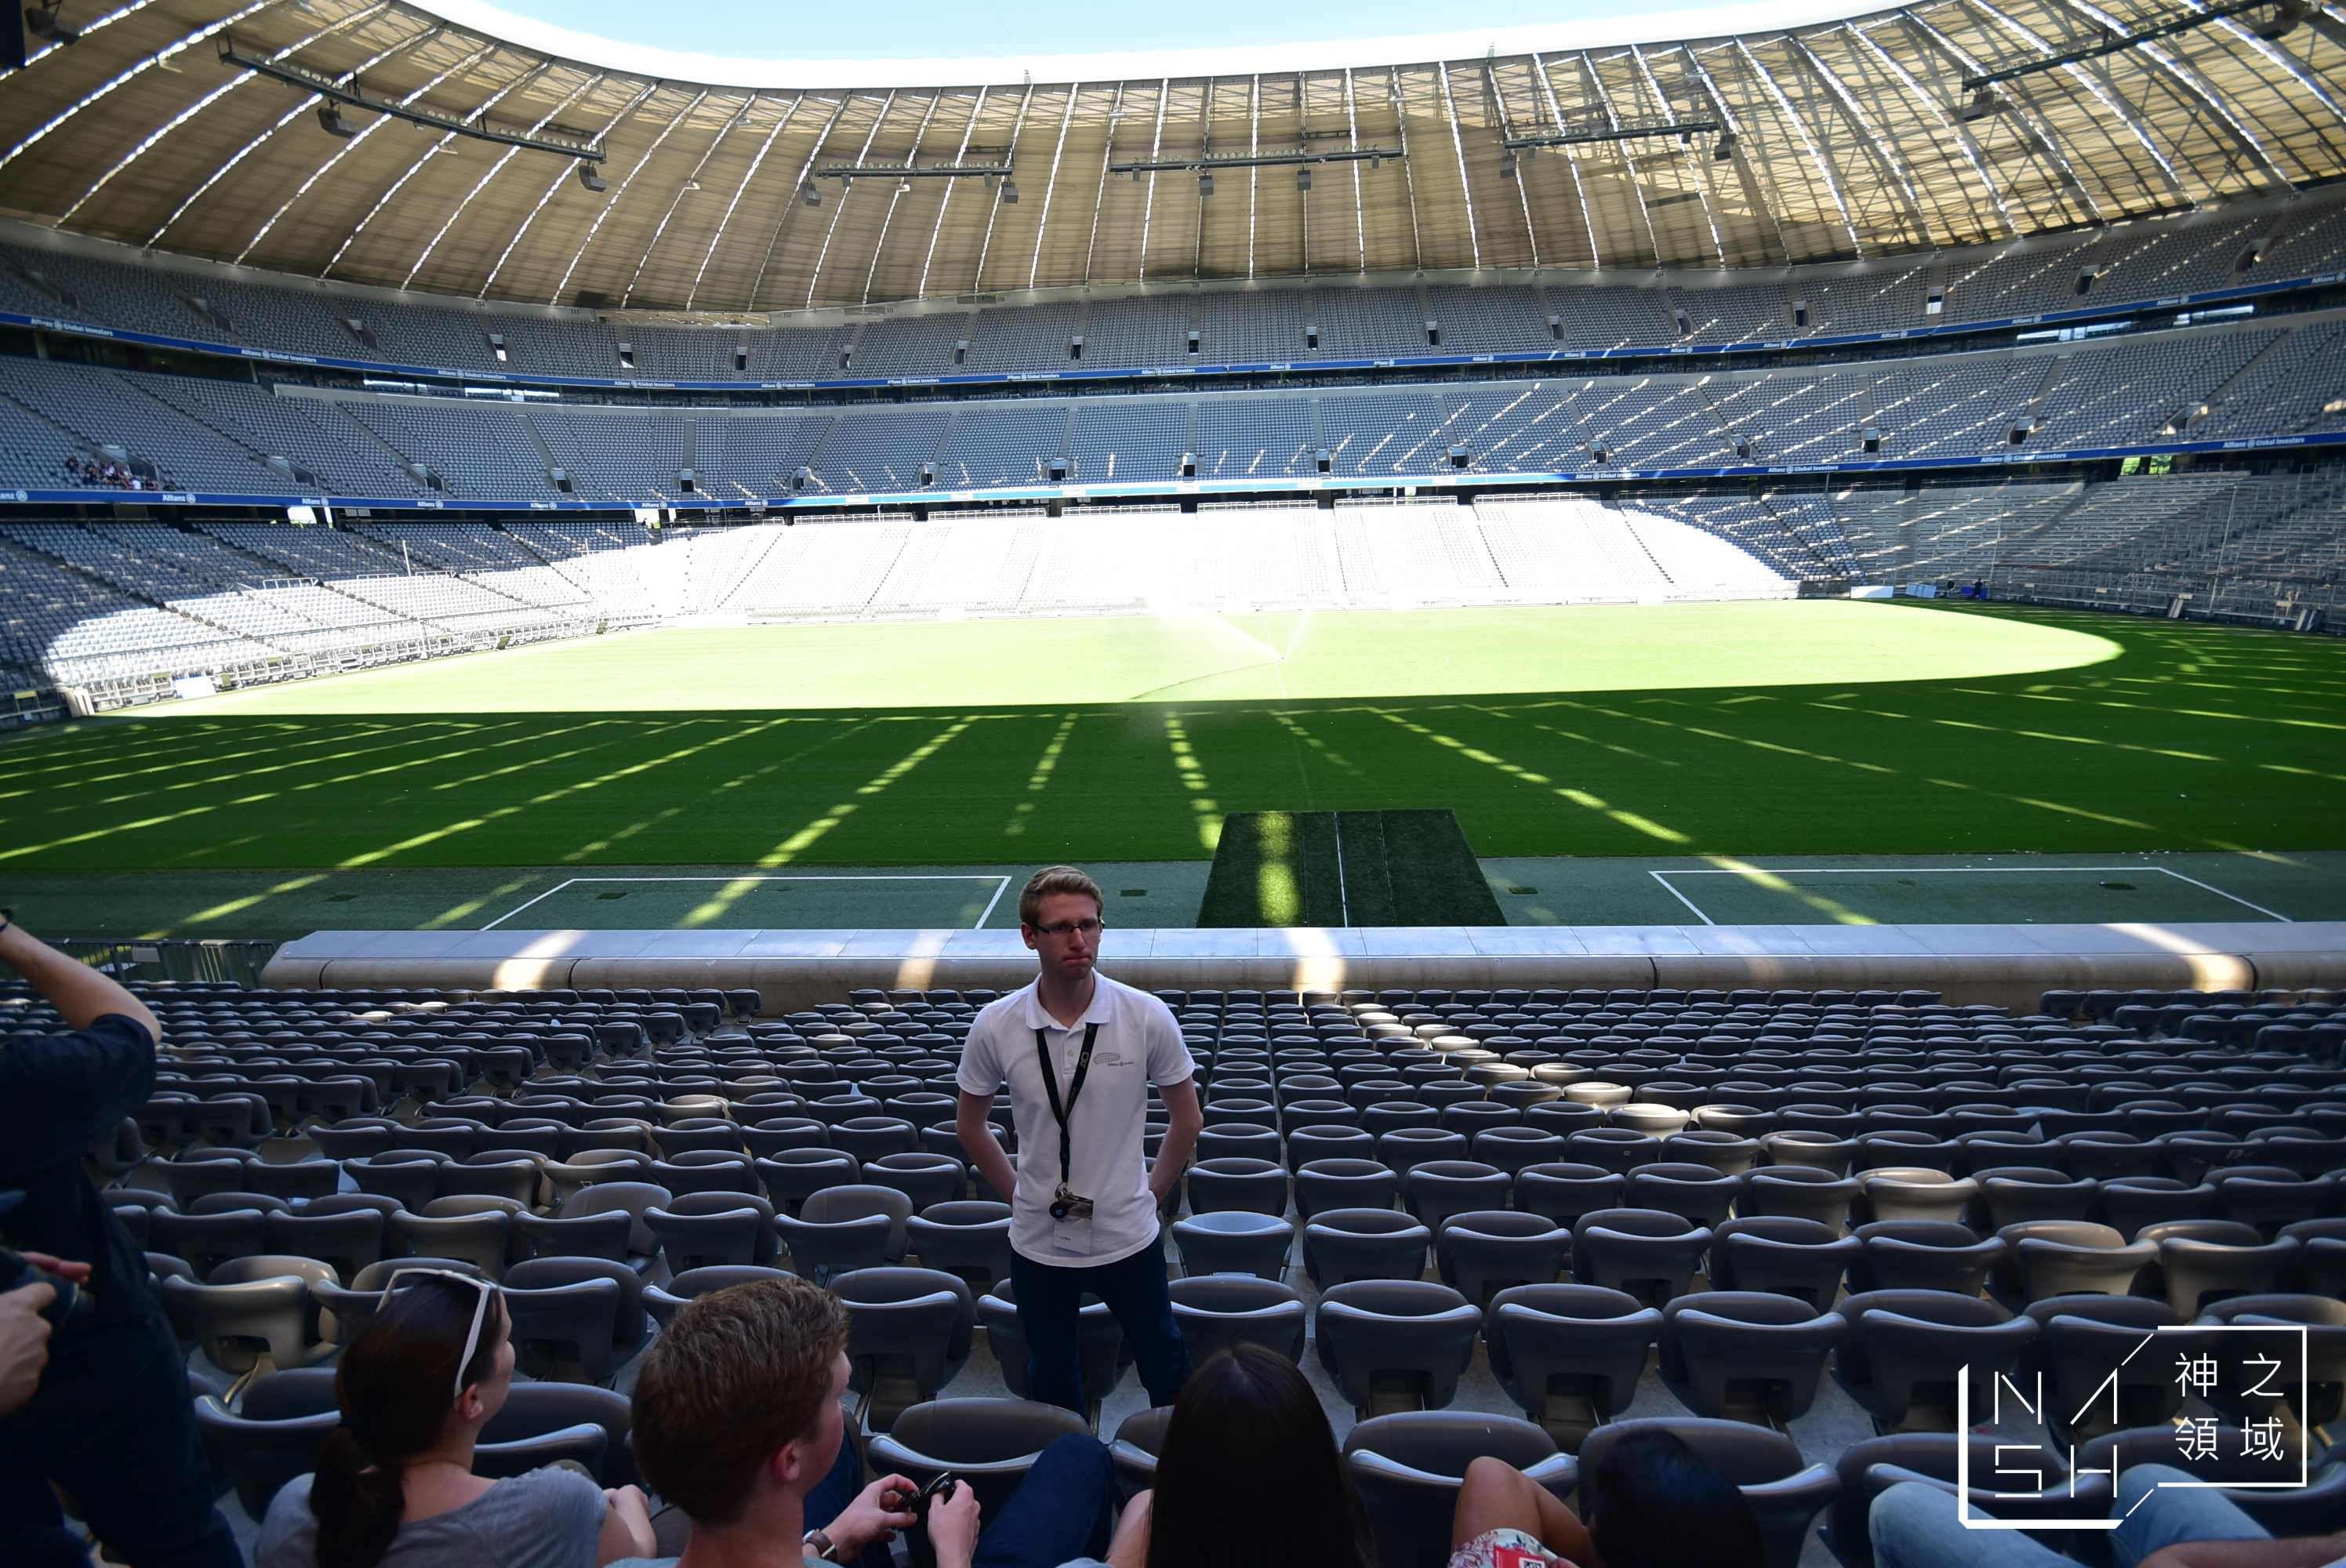 拜仁慕尼黑主場球場導覽,拜仁慕尼黑,拜仁球場導覽,安聯球場導覽 @Nash,神之領域